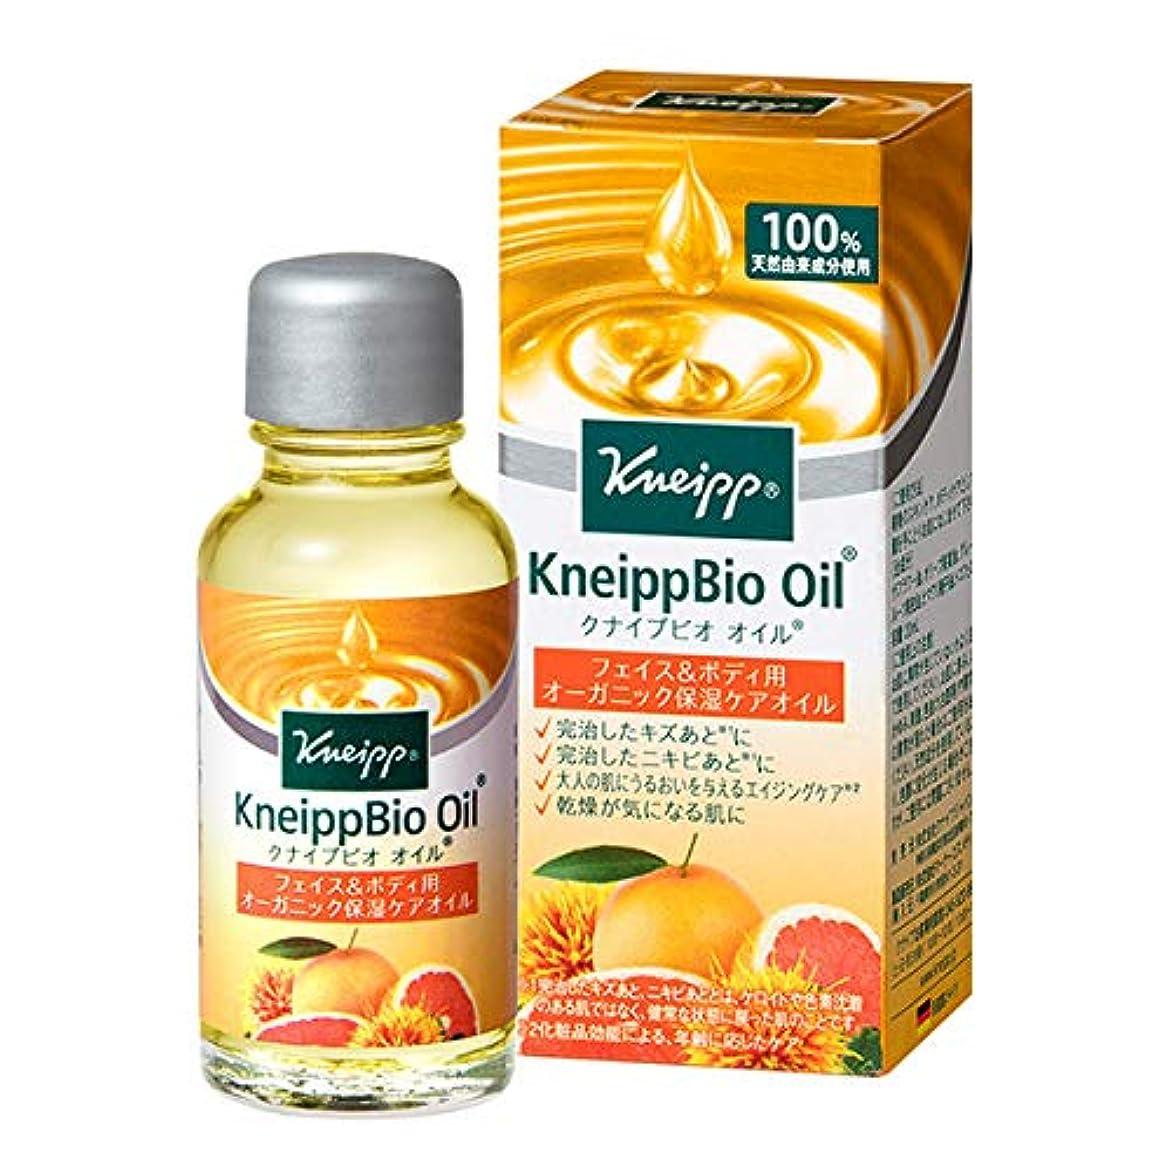 操作可能振り向くわずかなクナイプ(Kneipp) クナイプビオ オイル20mL 美容液